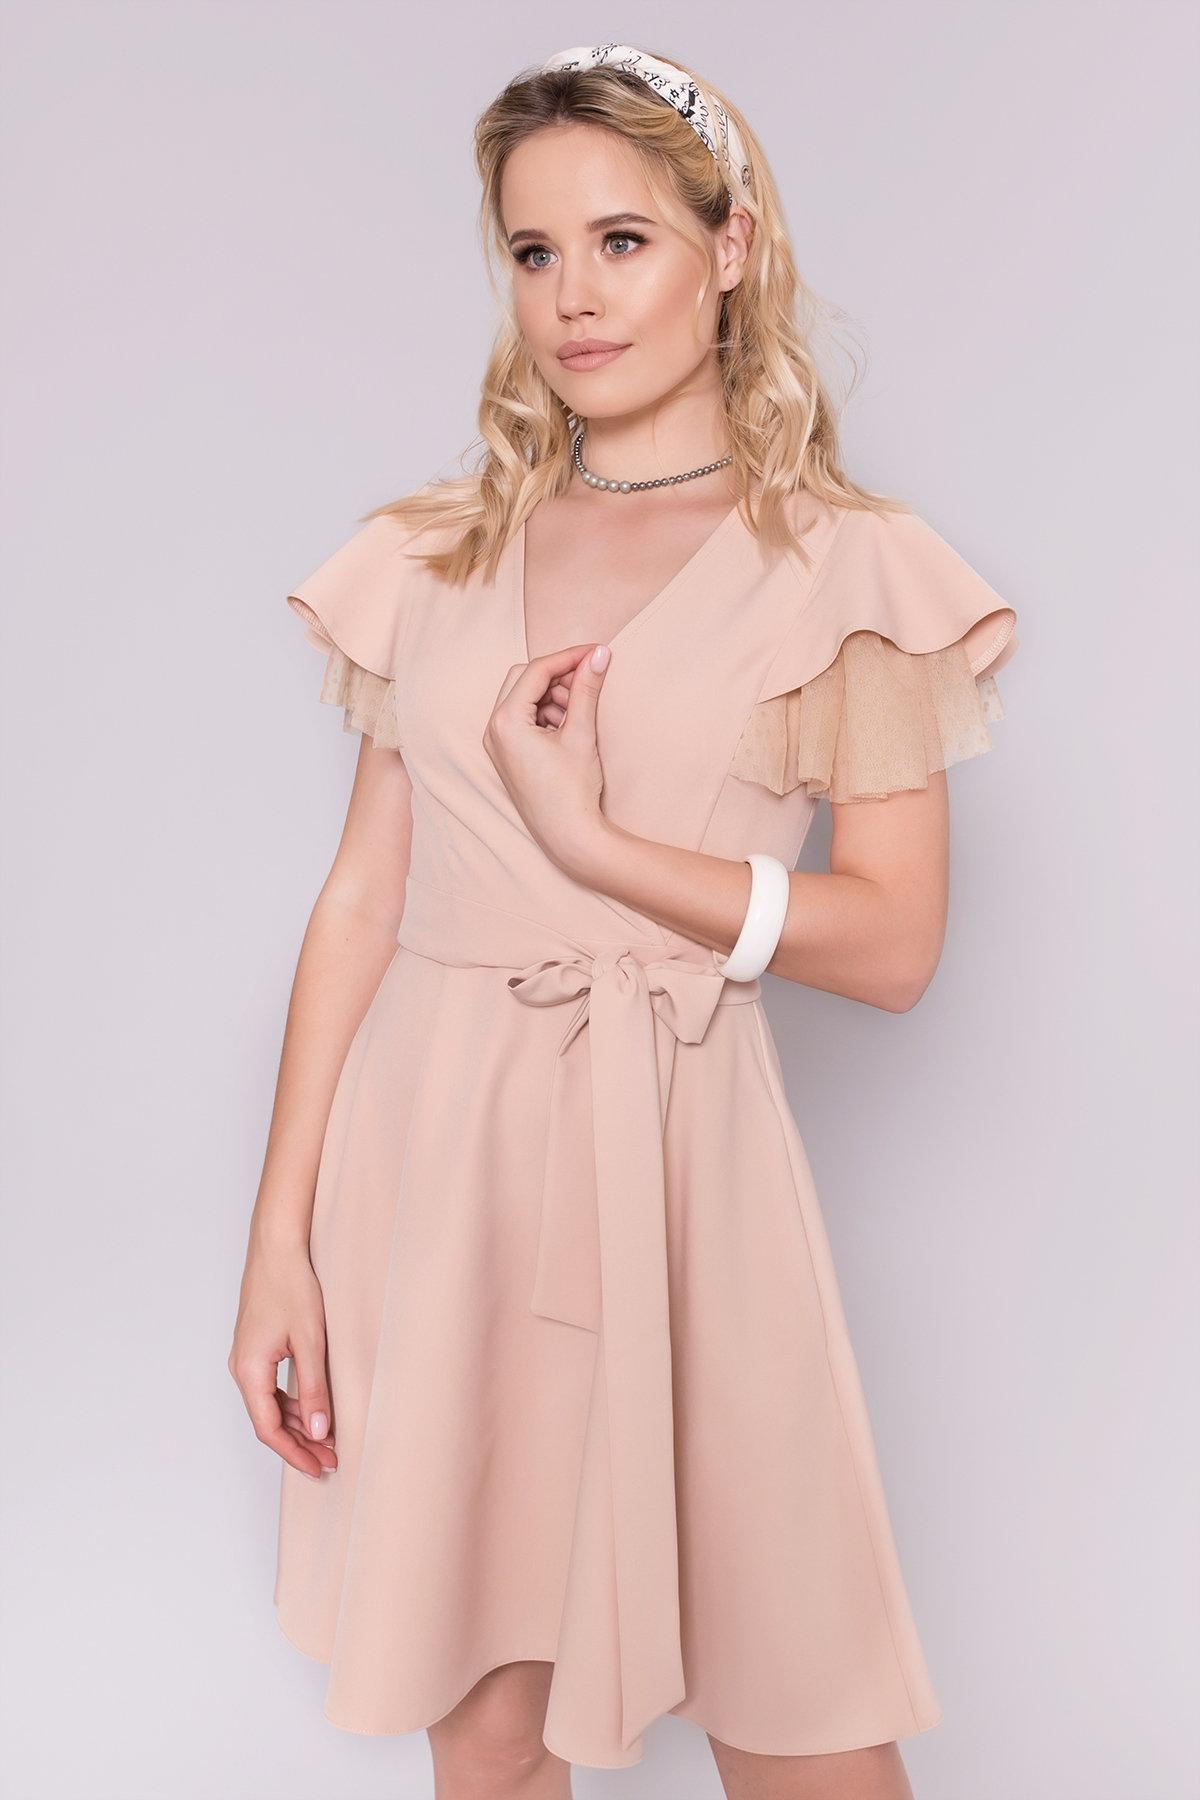 Платье с воланами на плечах Милея 6788 Цвет: Бежевый